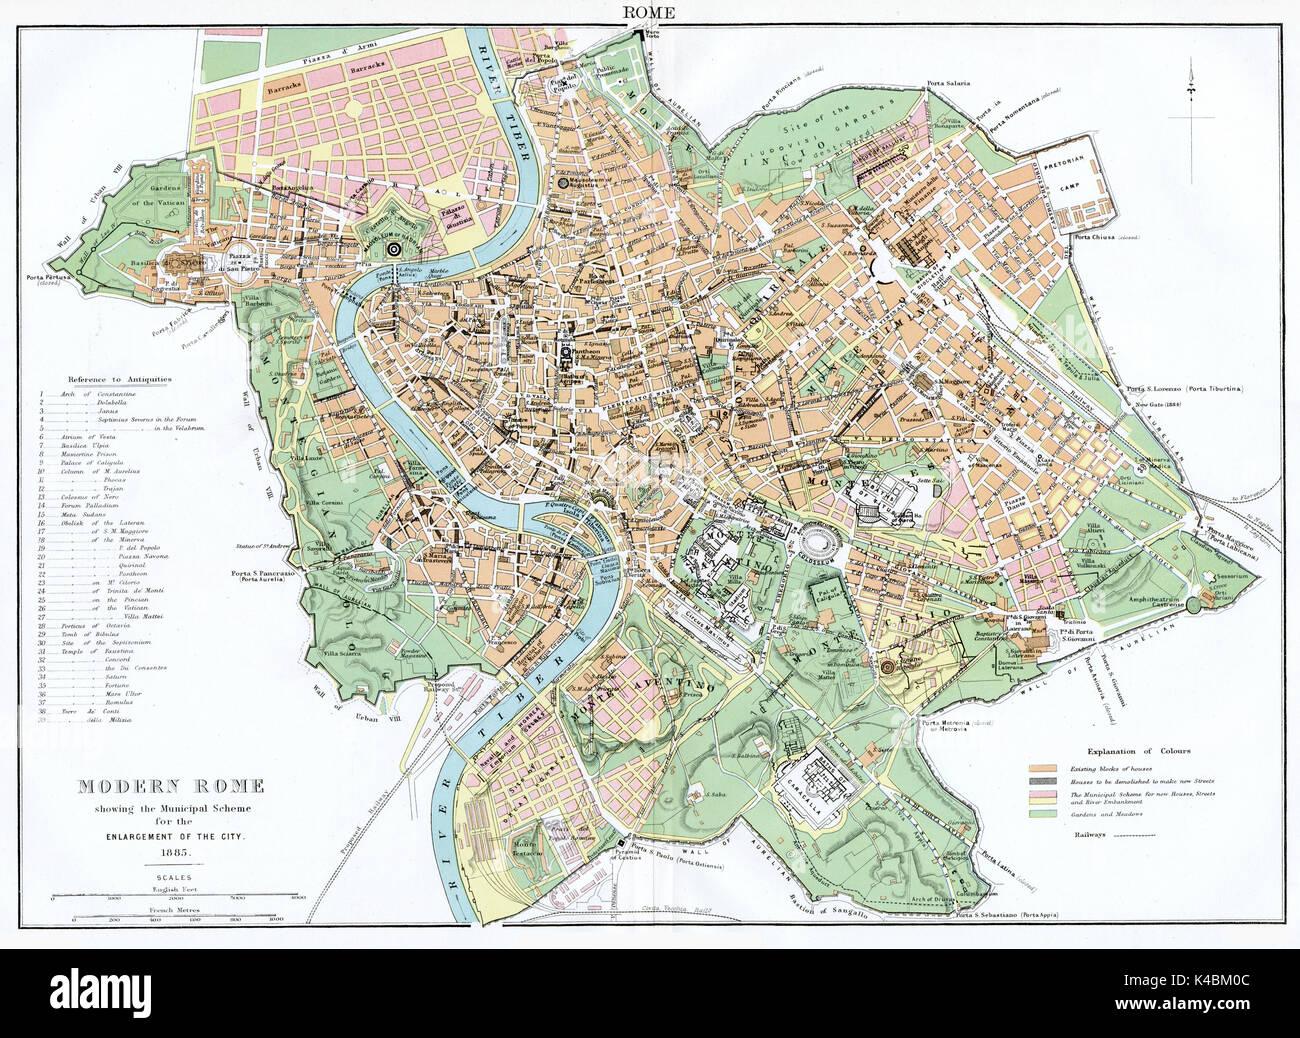 Touristischen Karte Von Rom Sehenswurdigkeiten Und Touren